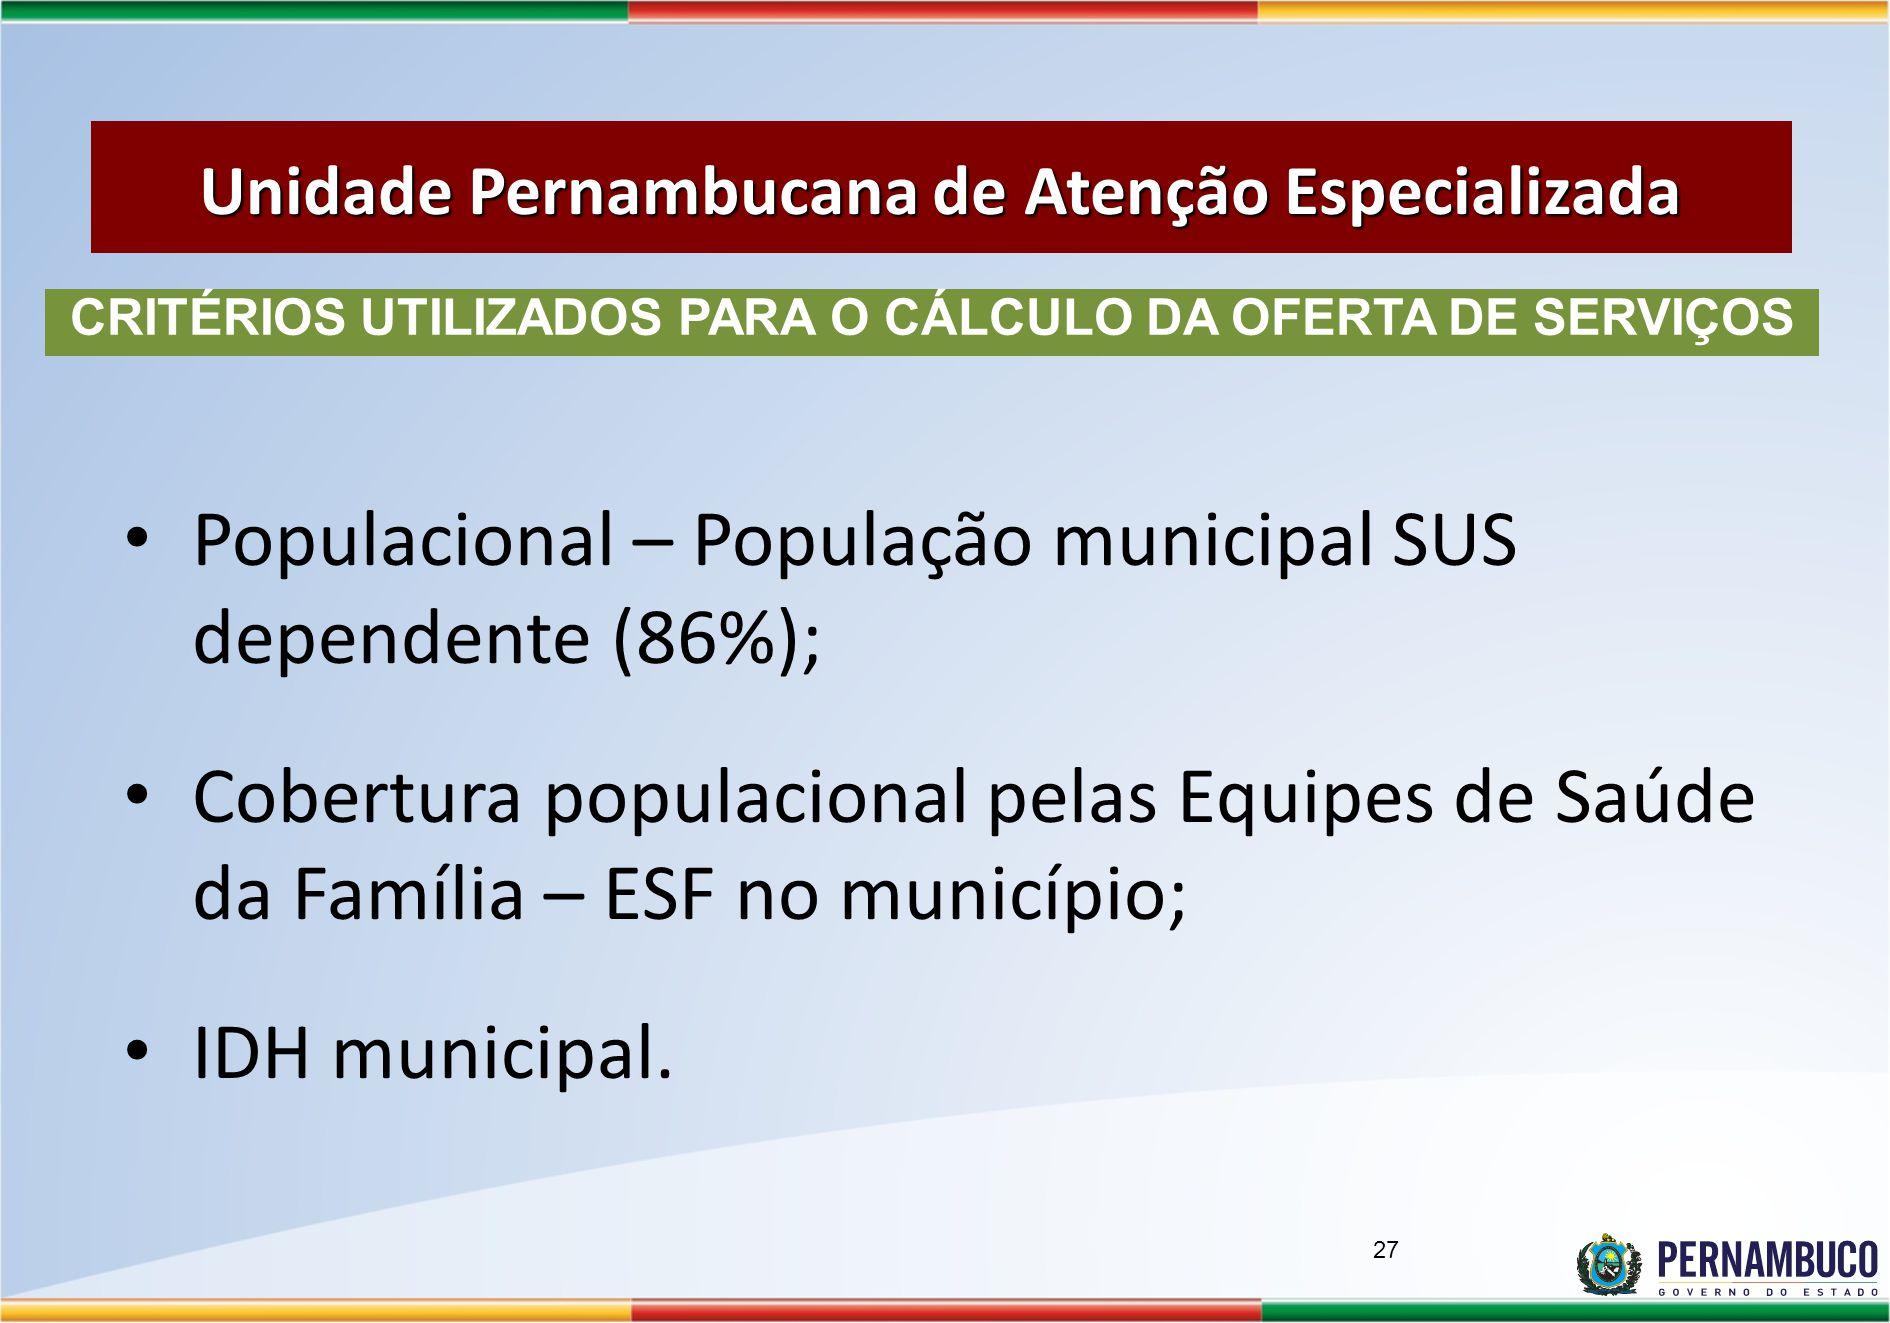 Populacional – População municipal SUS dependente (86%); Cobertura populacional pelas Equipes de Saúde da Família – ESF no município; IDH municipal. 2